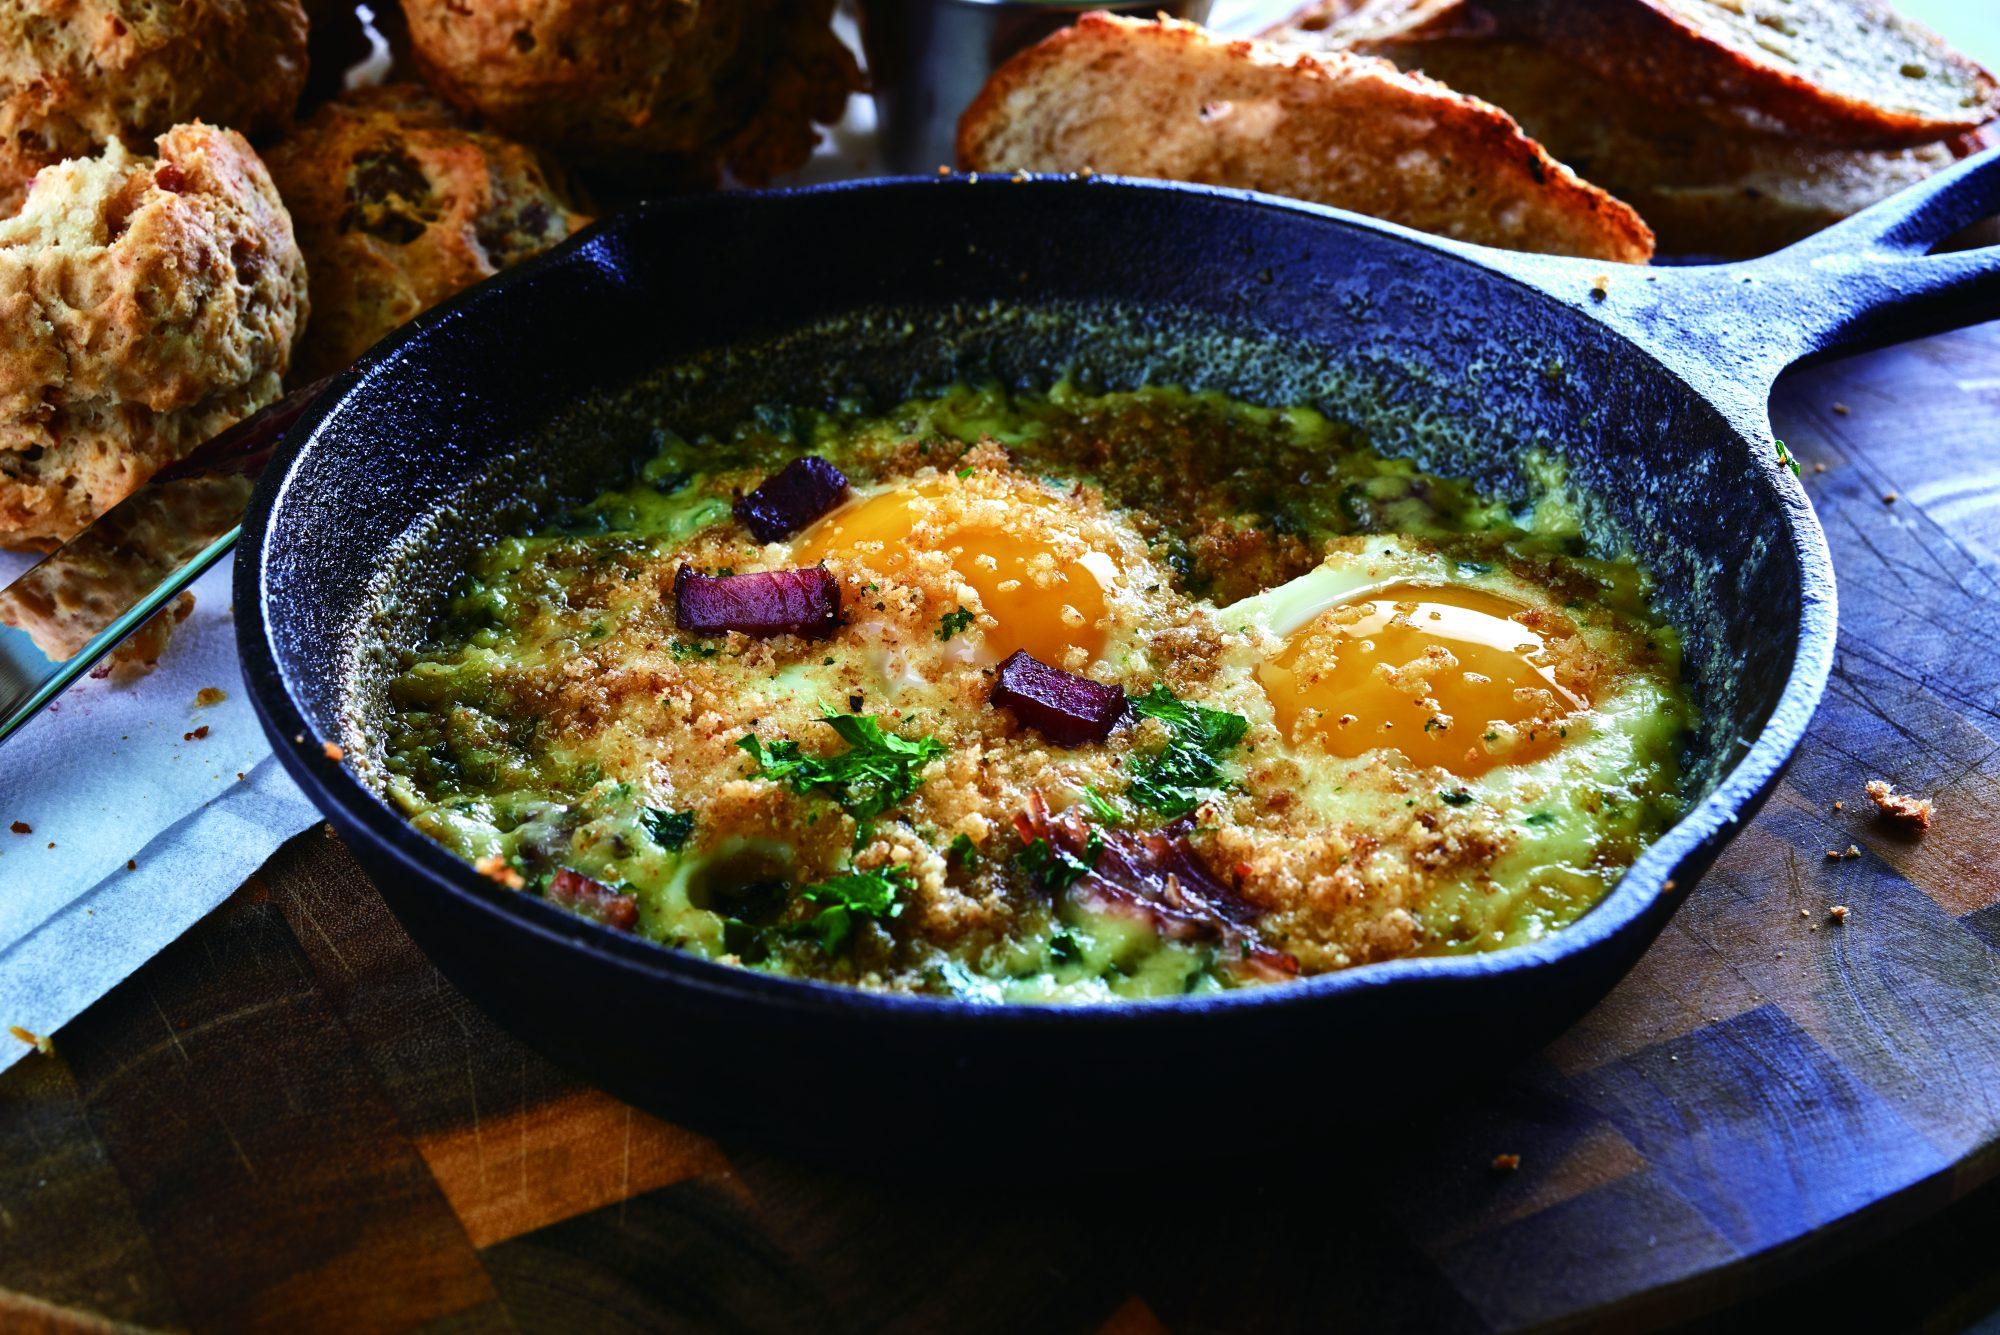 tasso-baked-eggs-eat-new-orleans-photo-credit-sam-hanna.jpg